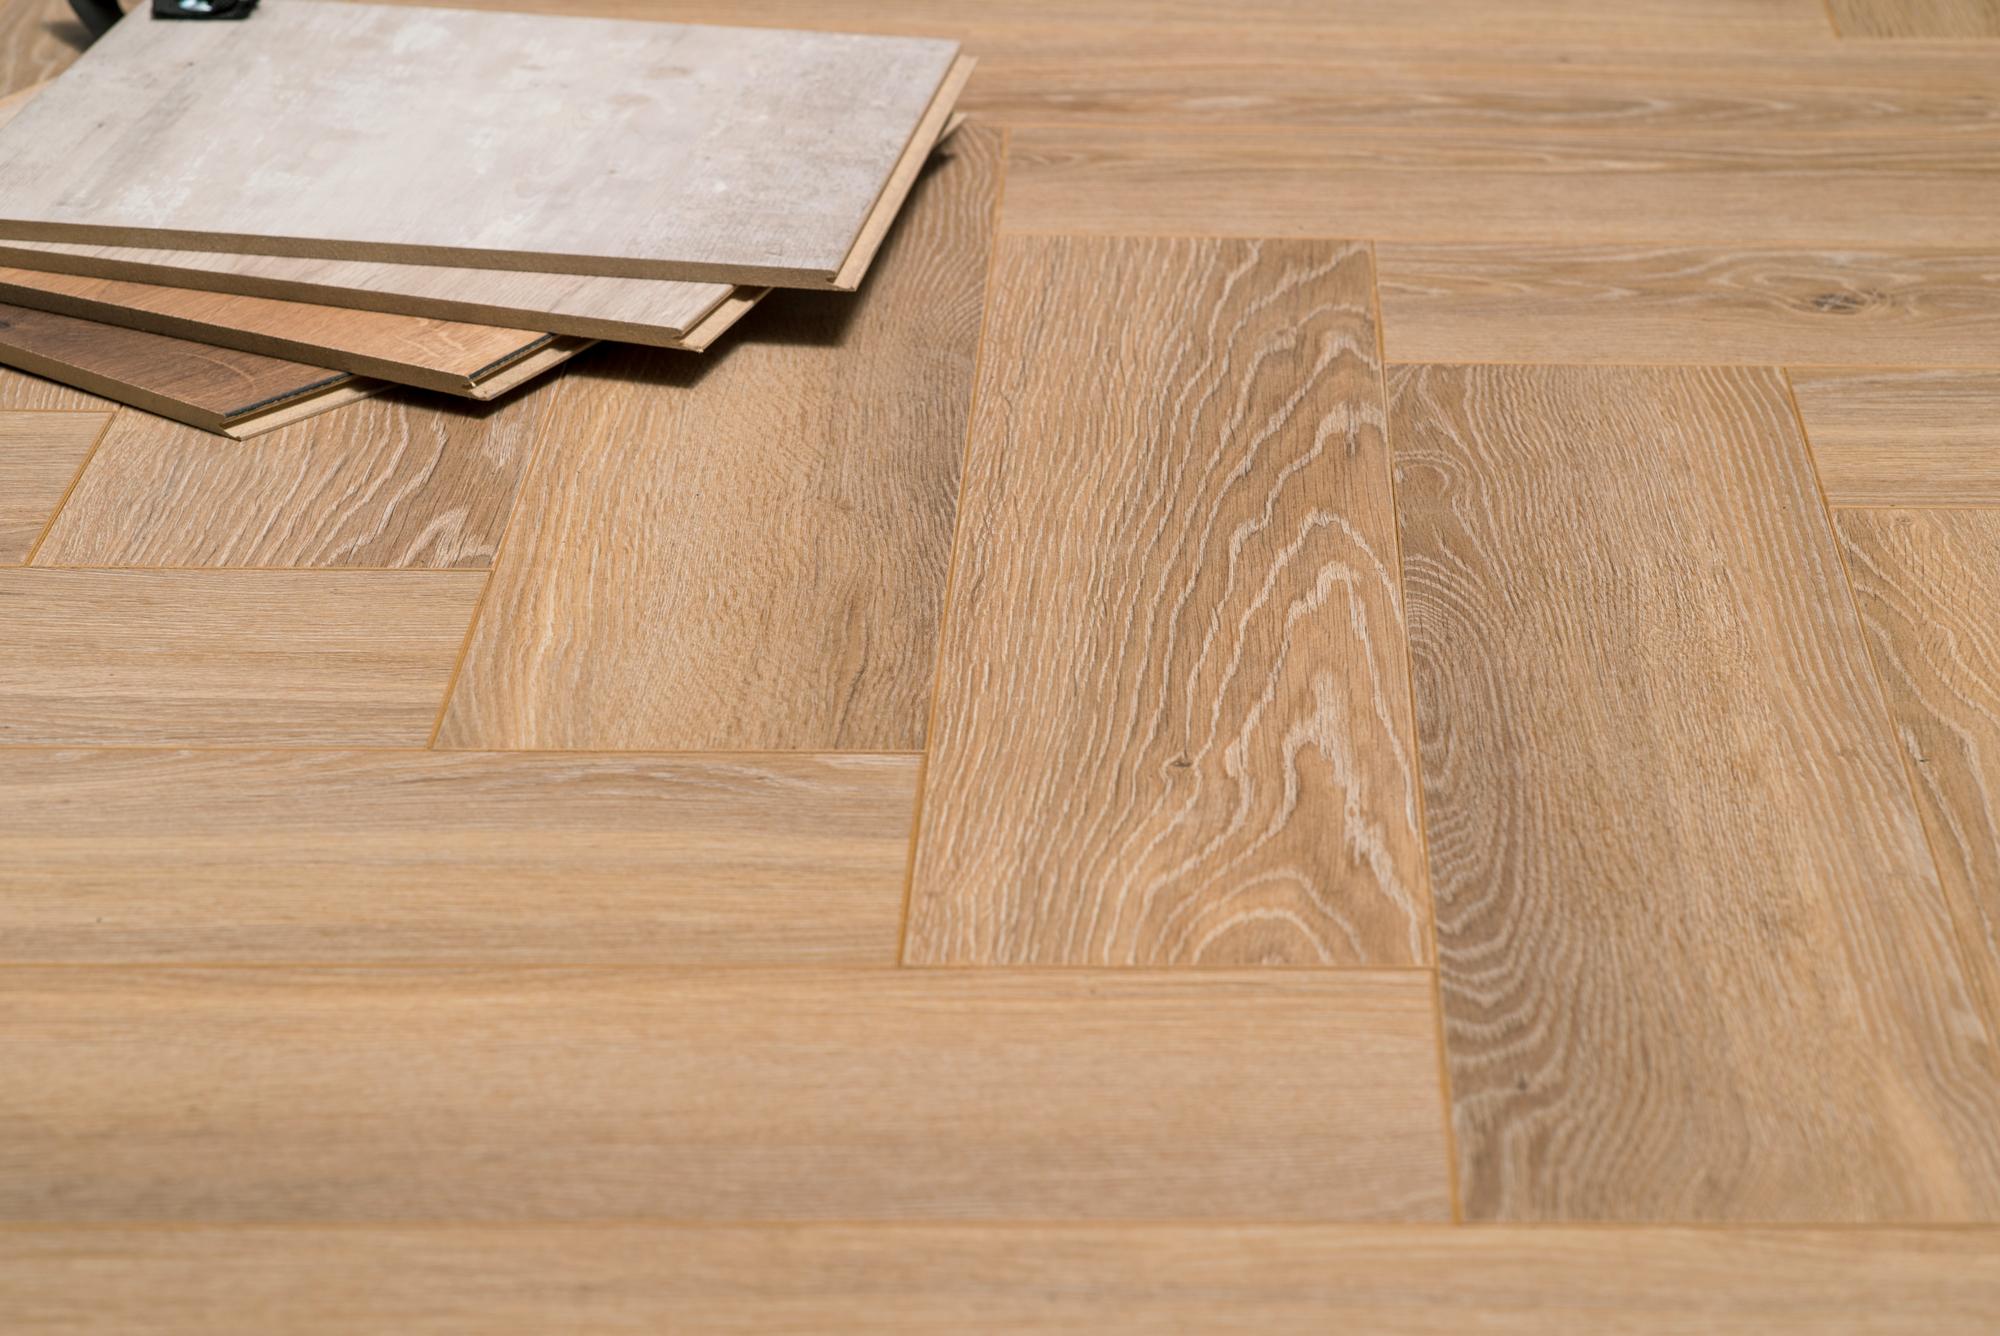 Visgraat Laminaat Leggen : Floer visgraat laminaat vloeren natuur eiken patroon vloer